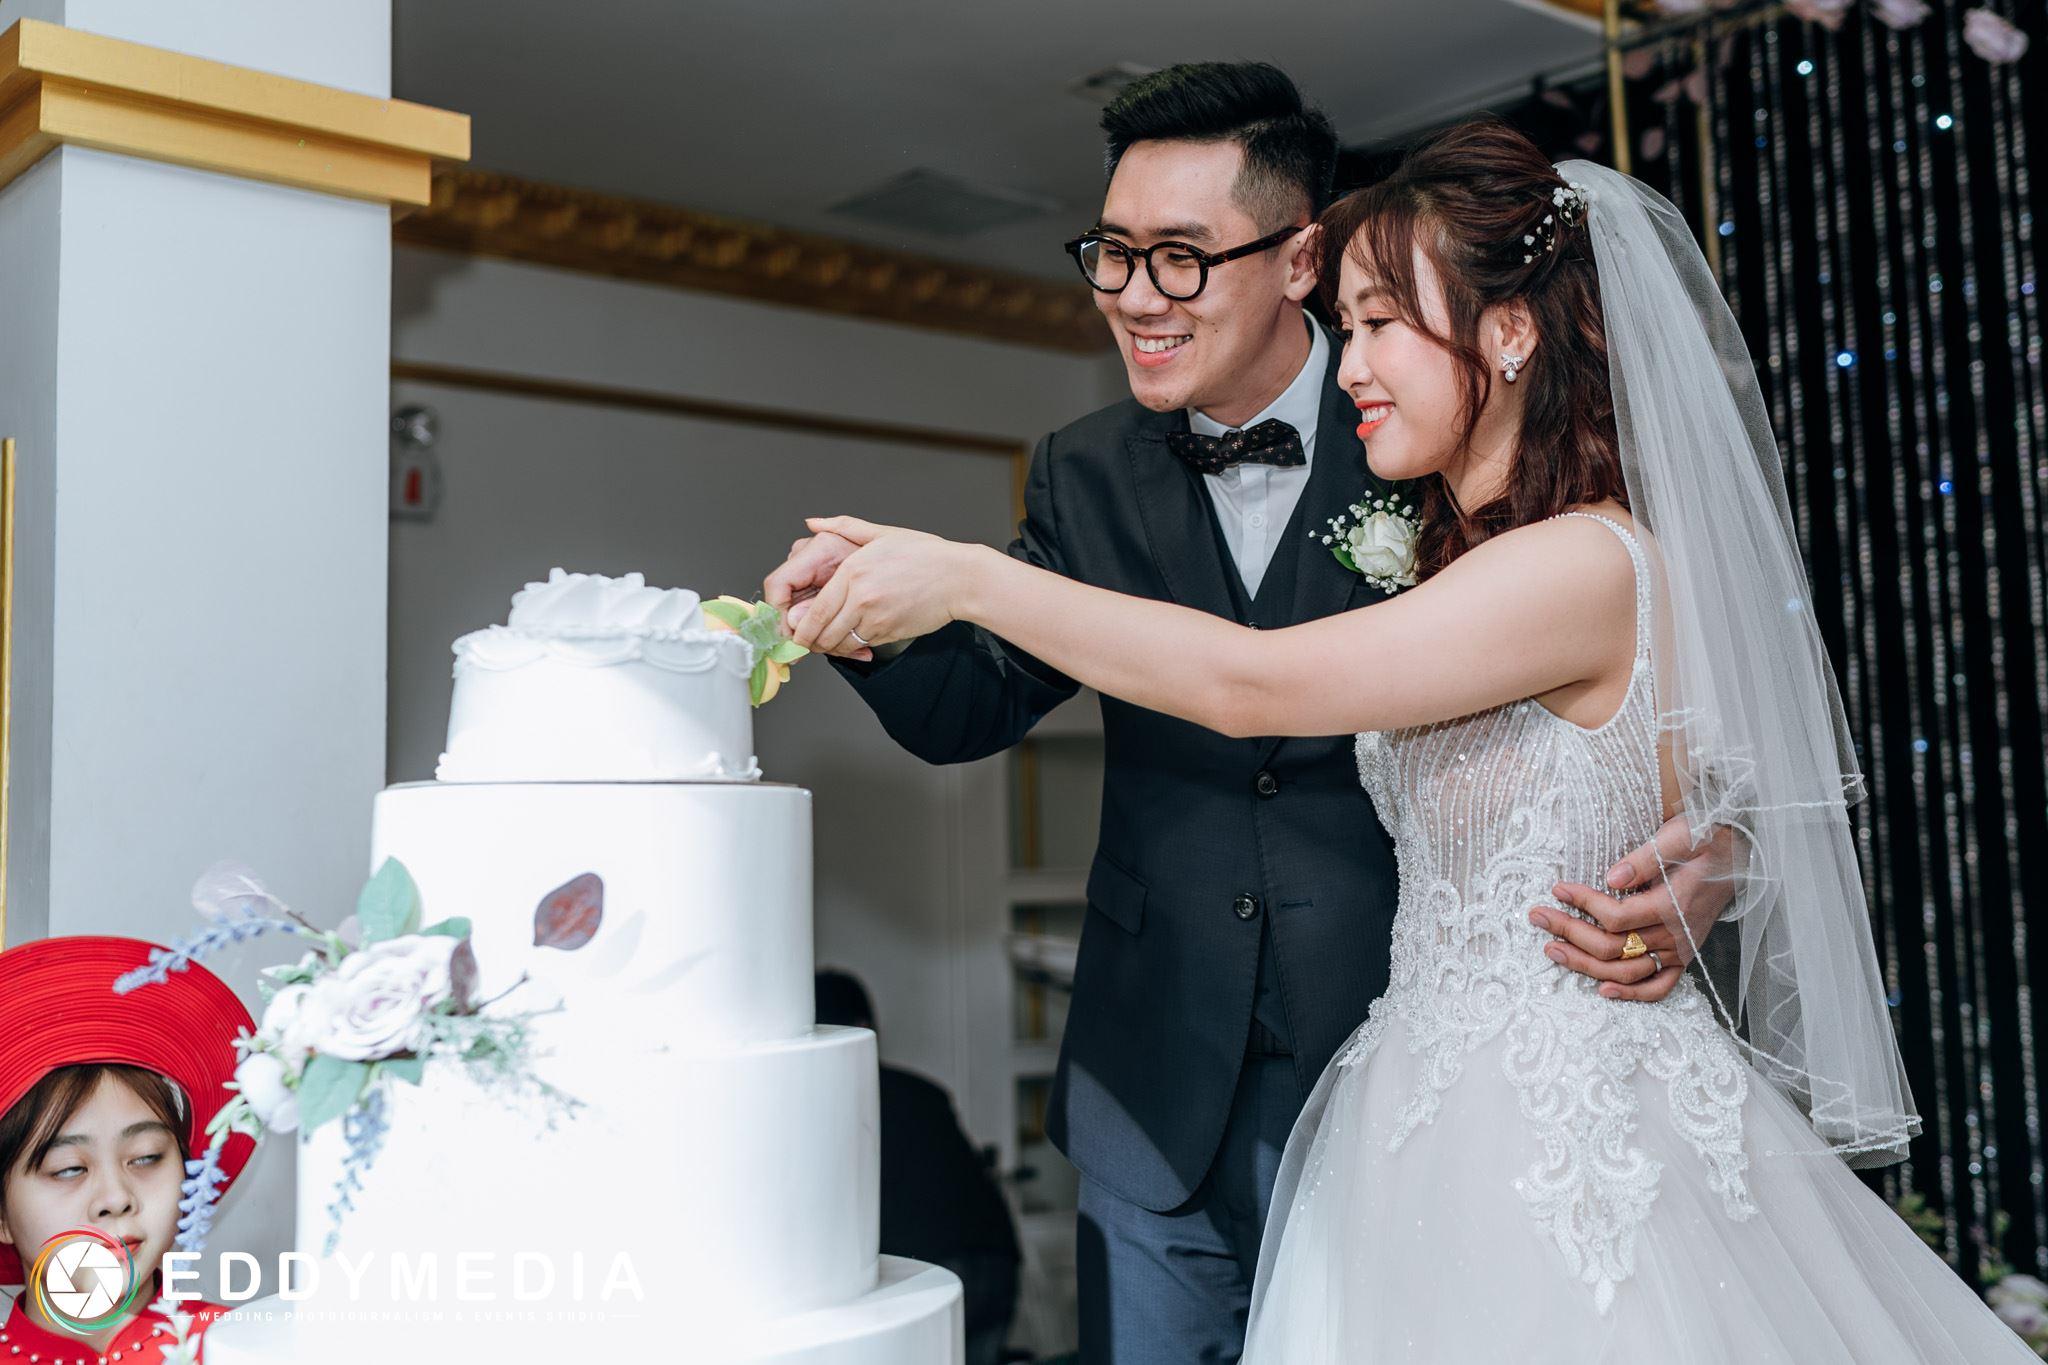 Phongsucuoi Vuduc KhanhLy EddyMedia 100 yêu người kém tuổi,lấy chồng kém tuổi,lấy chồng kém 10 tuổi